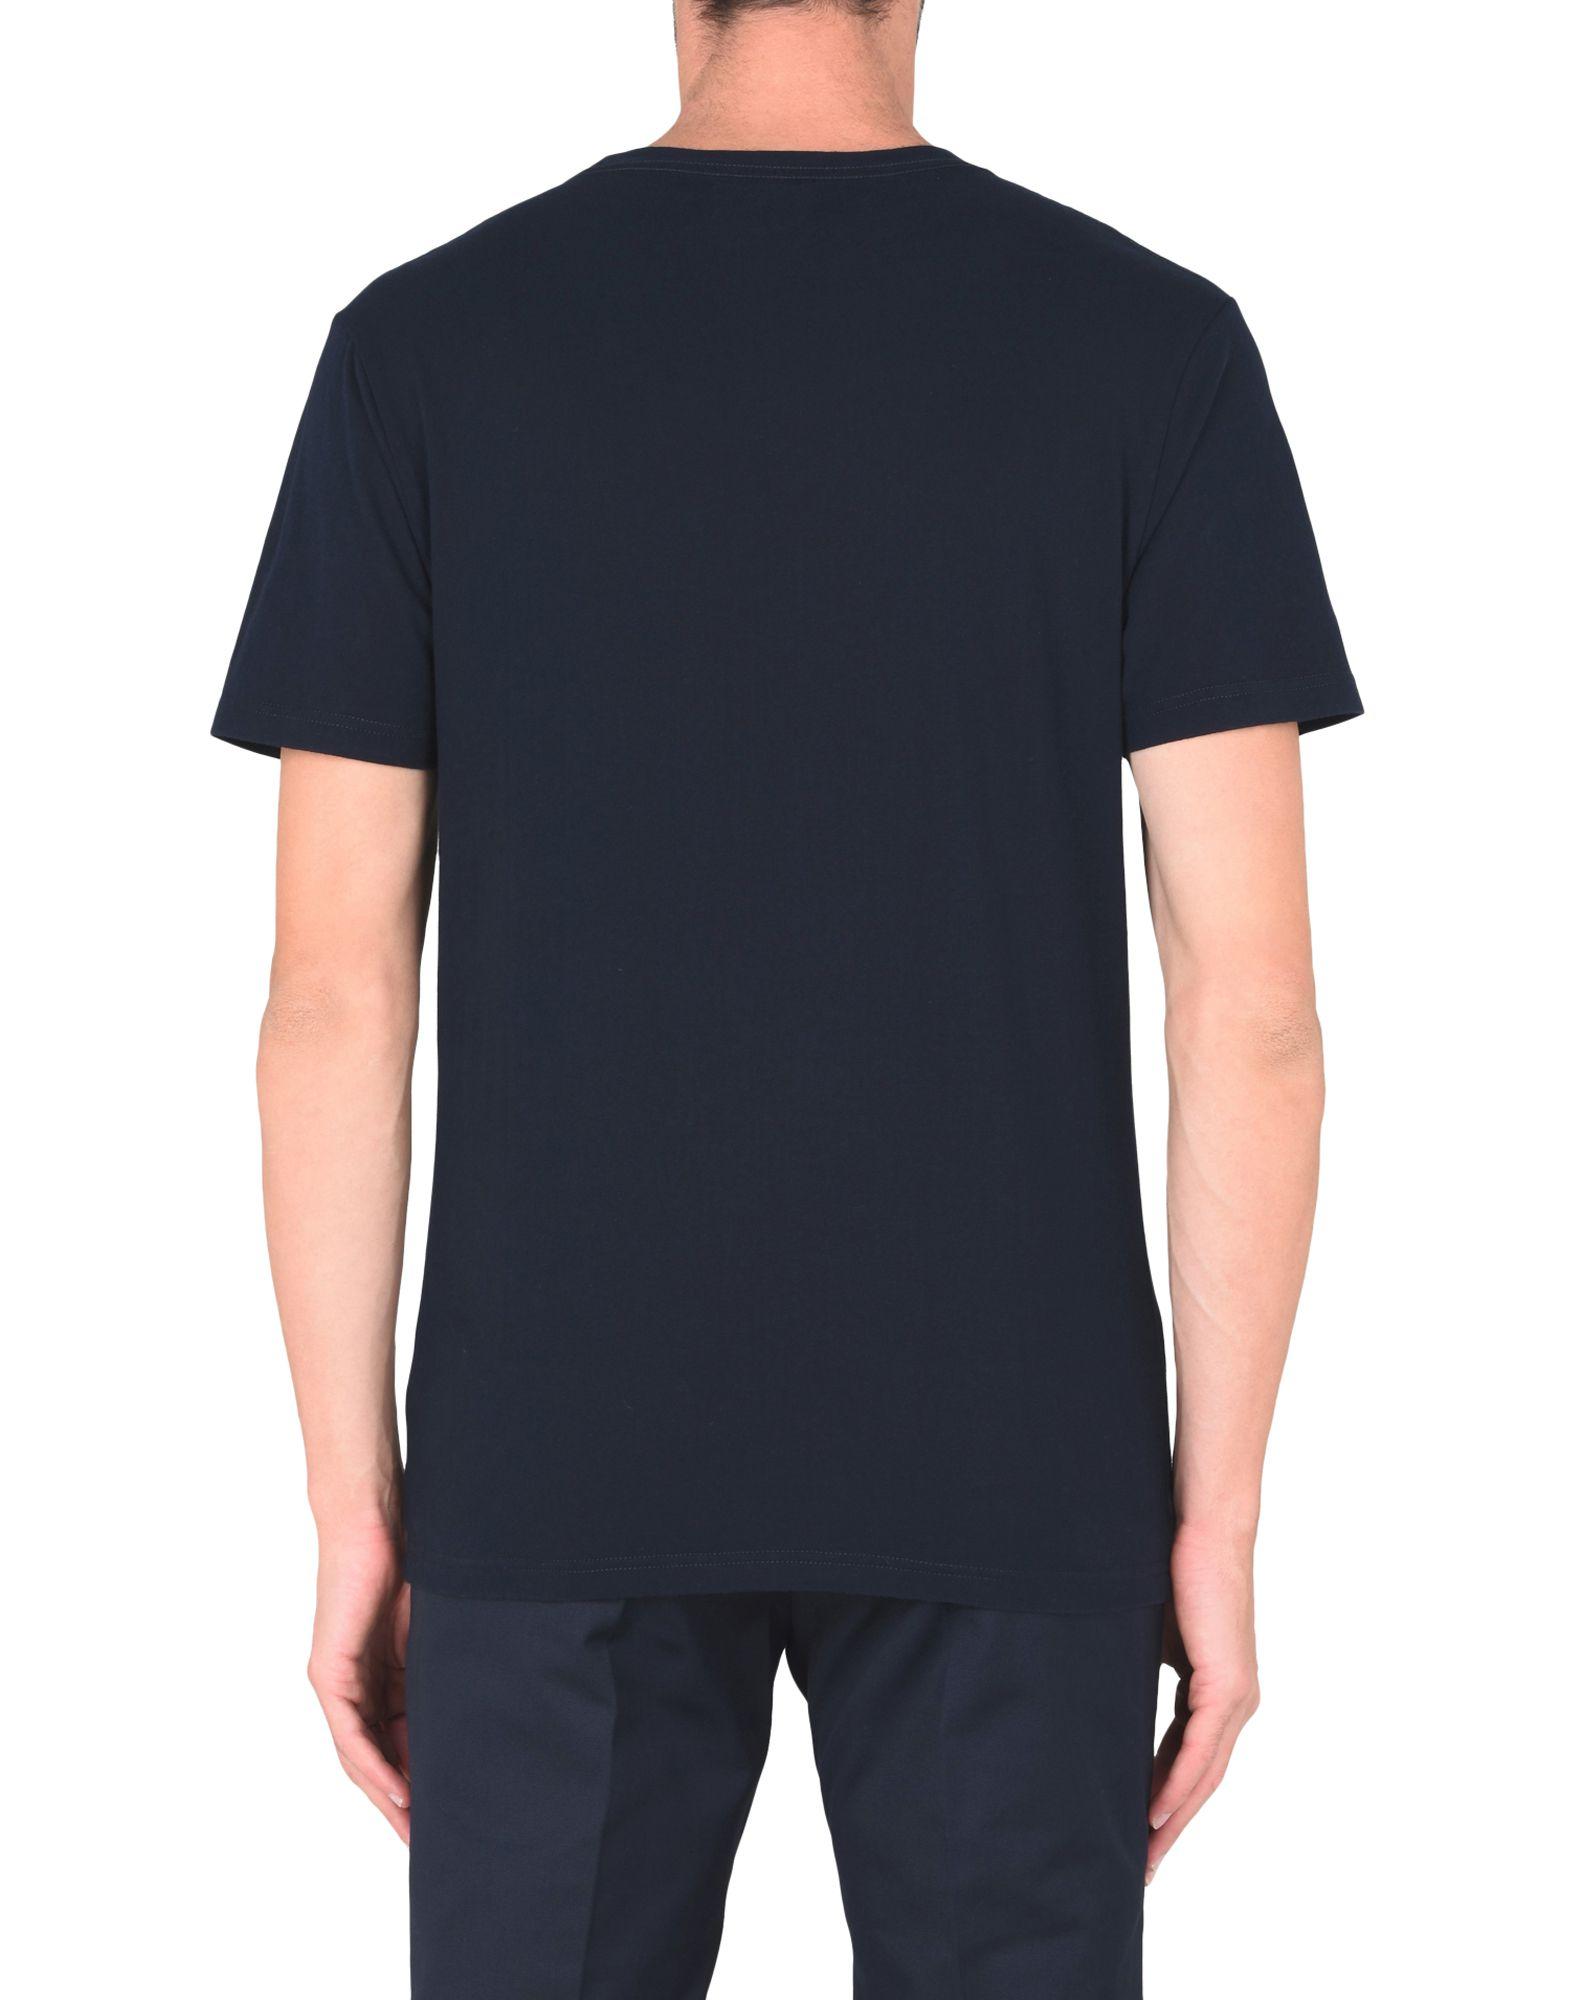 T-Shirt Wood Uomo Wood Uomo Wood - 12083229LX 012cfb